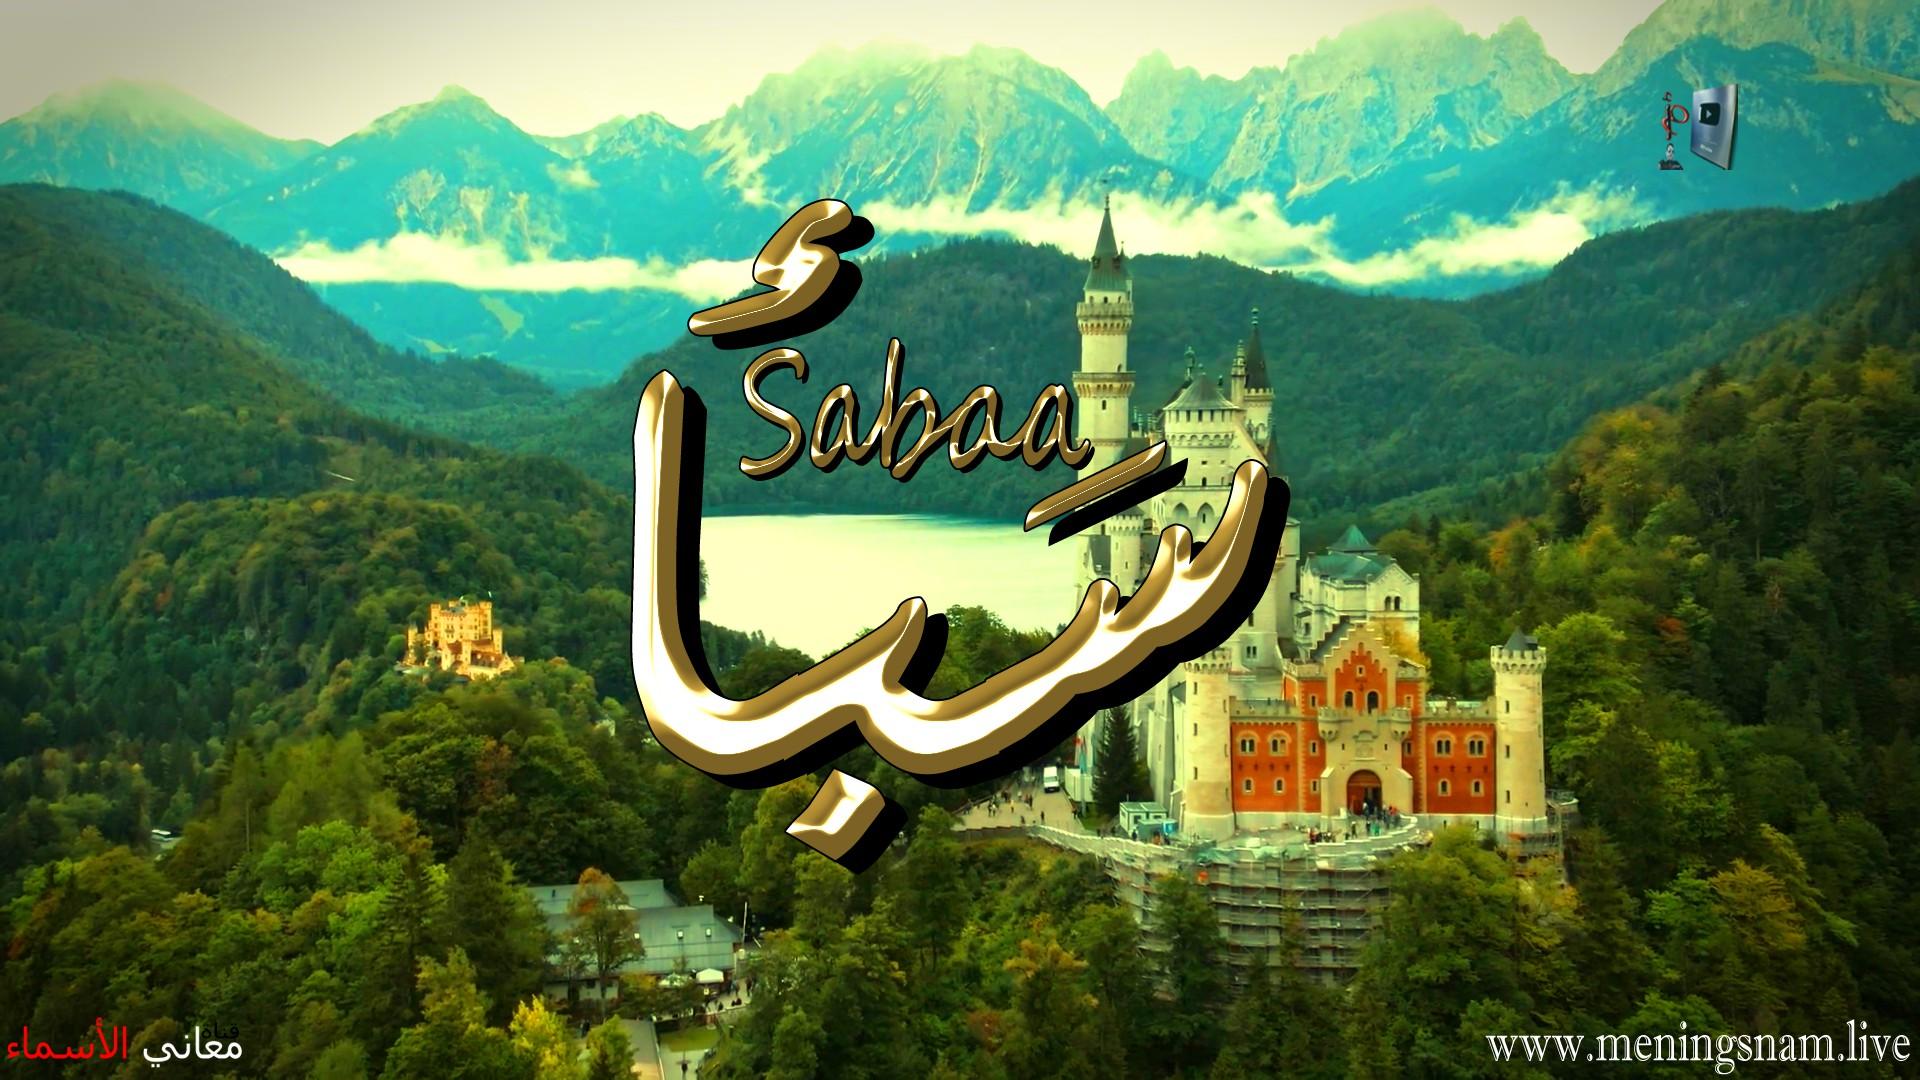 معنى اسم سبأ وصفات حامل هذا الاسم Sabaa